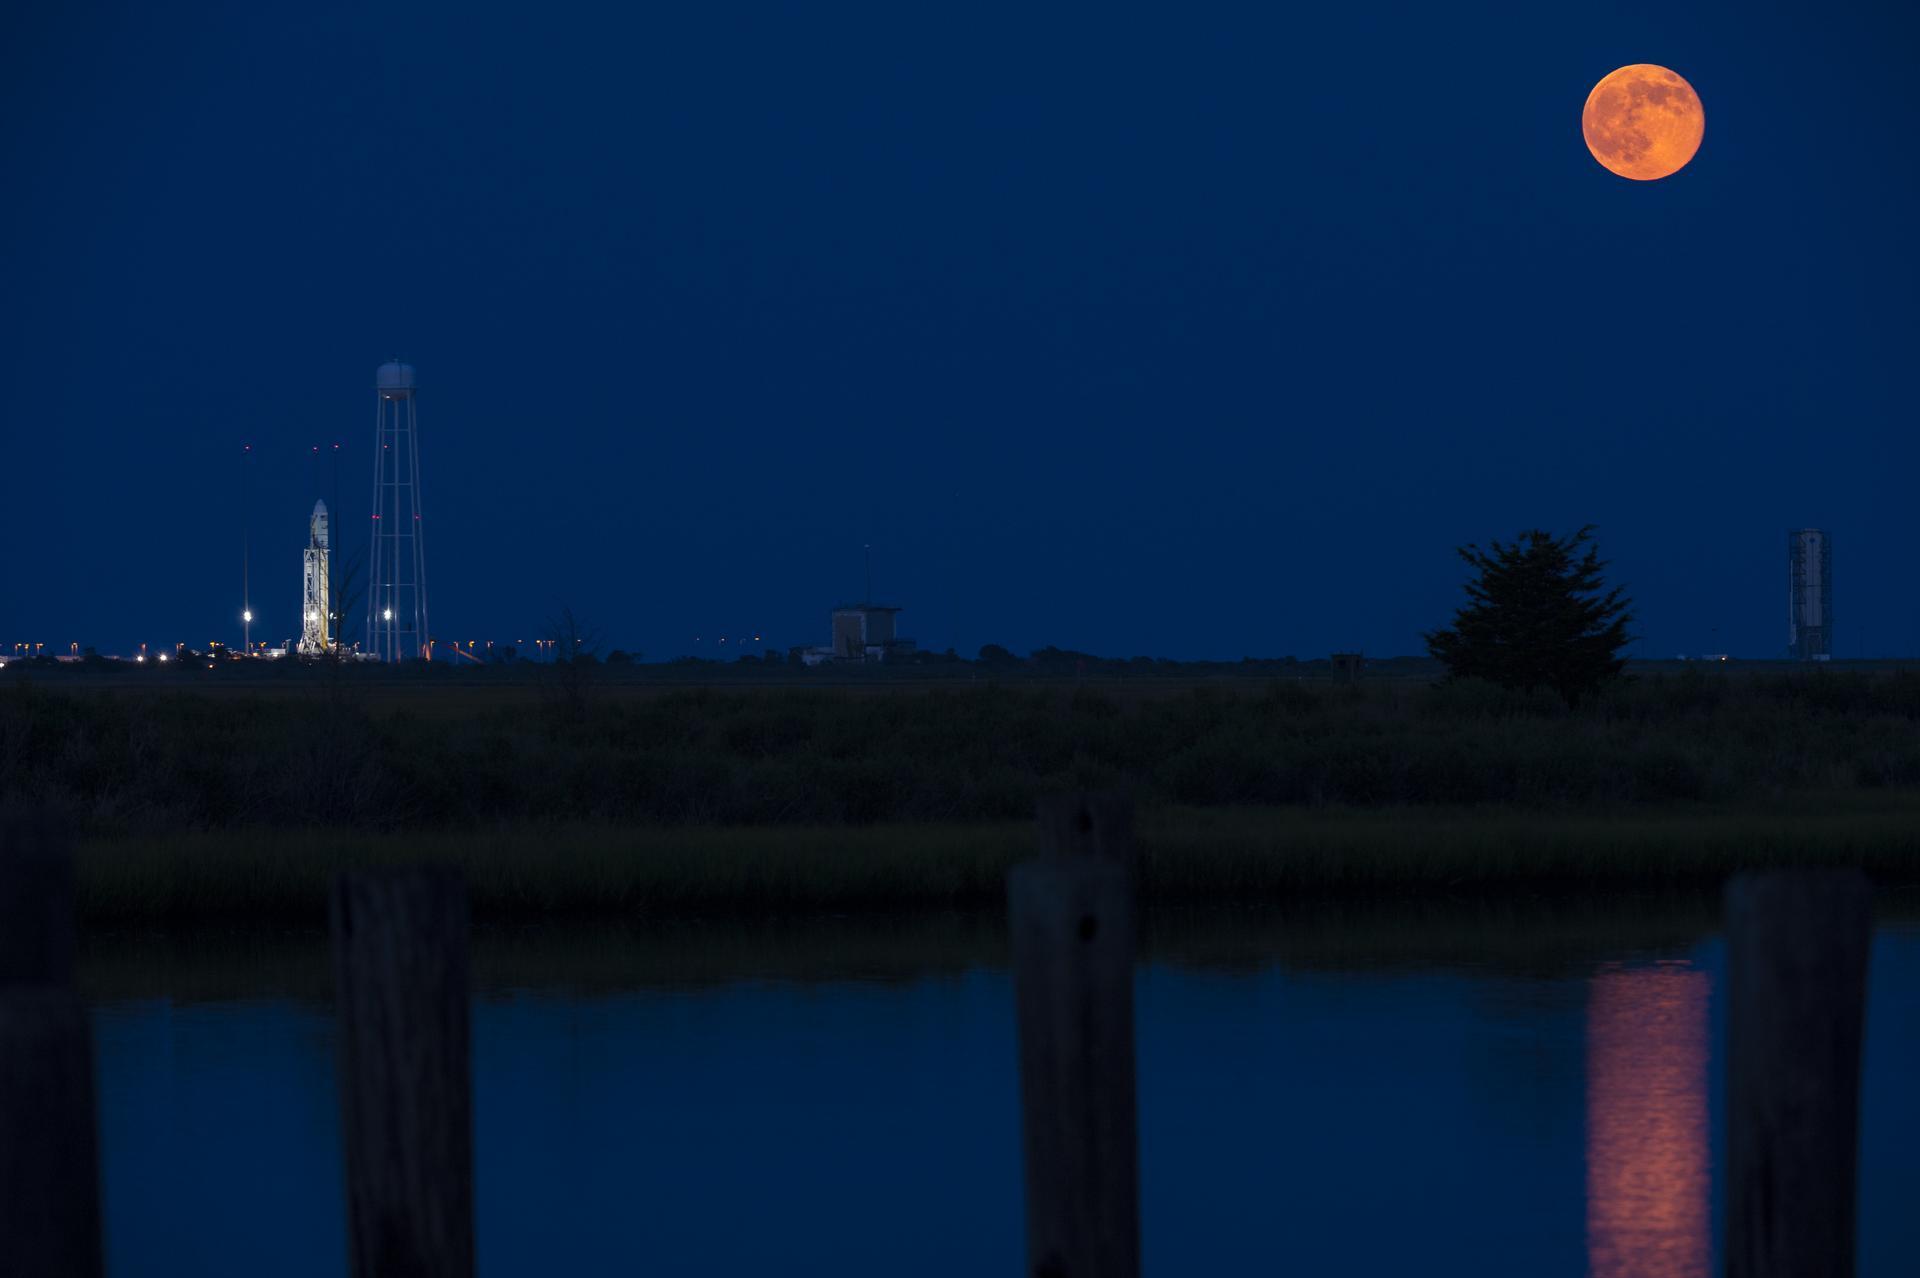 The Antares rocket on July 12, 2014. (Credit: NASA)